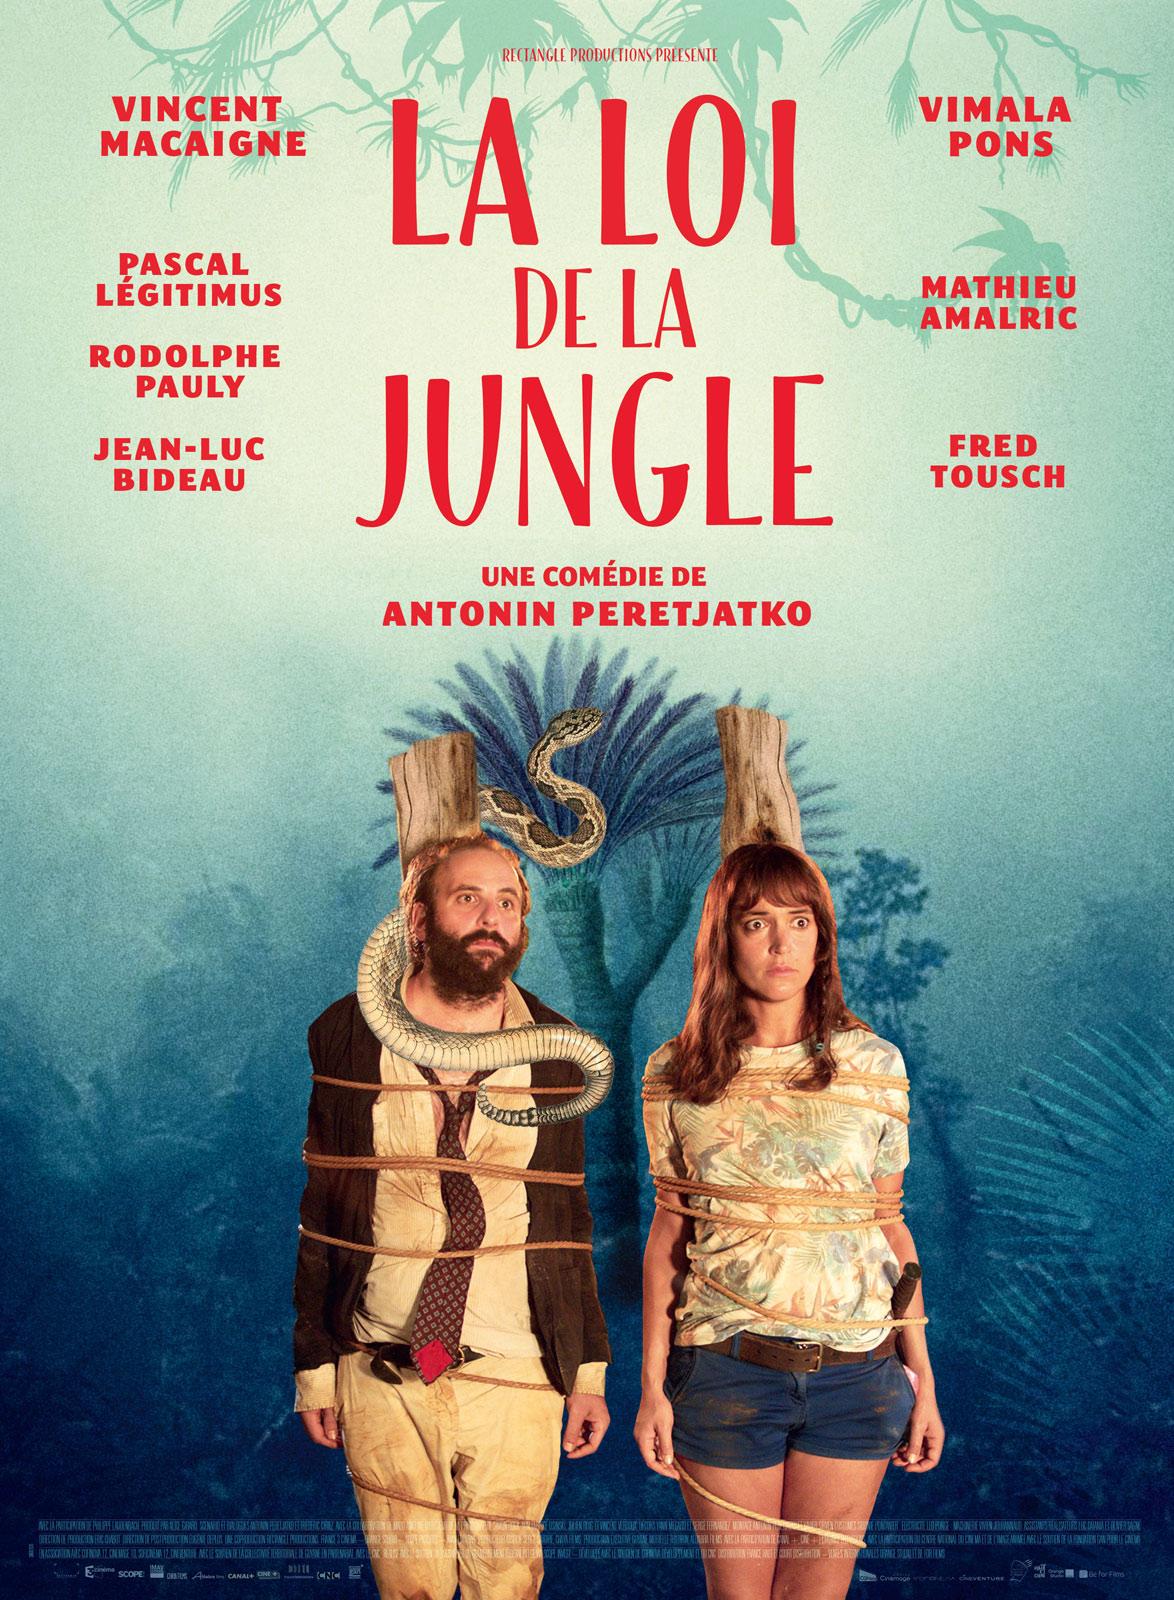 La Loi de la jungle ddl